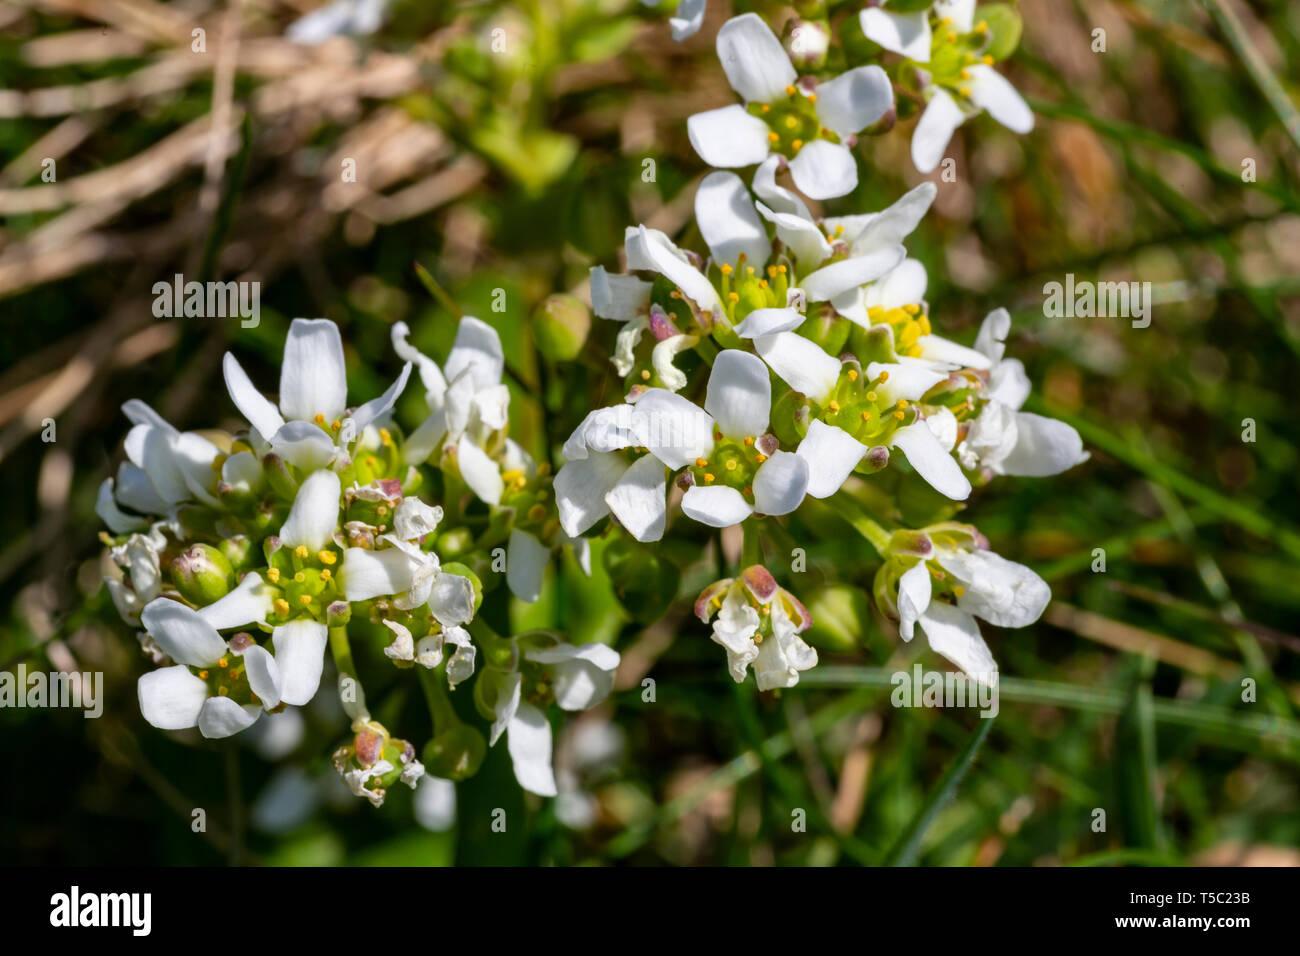 Fleurs sauvages irlandais, anglais, Scurvygrass muirisce Cochlearia anglica, Carrán, Cresson, Valentia Island, comté de Kerry, Irlande Banque D'Images